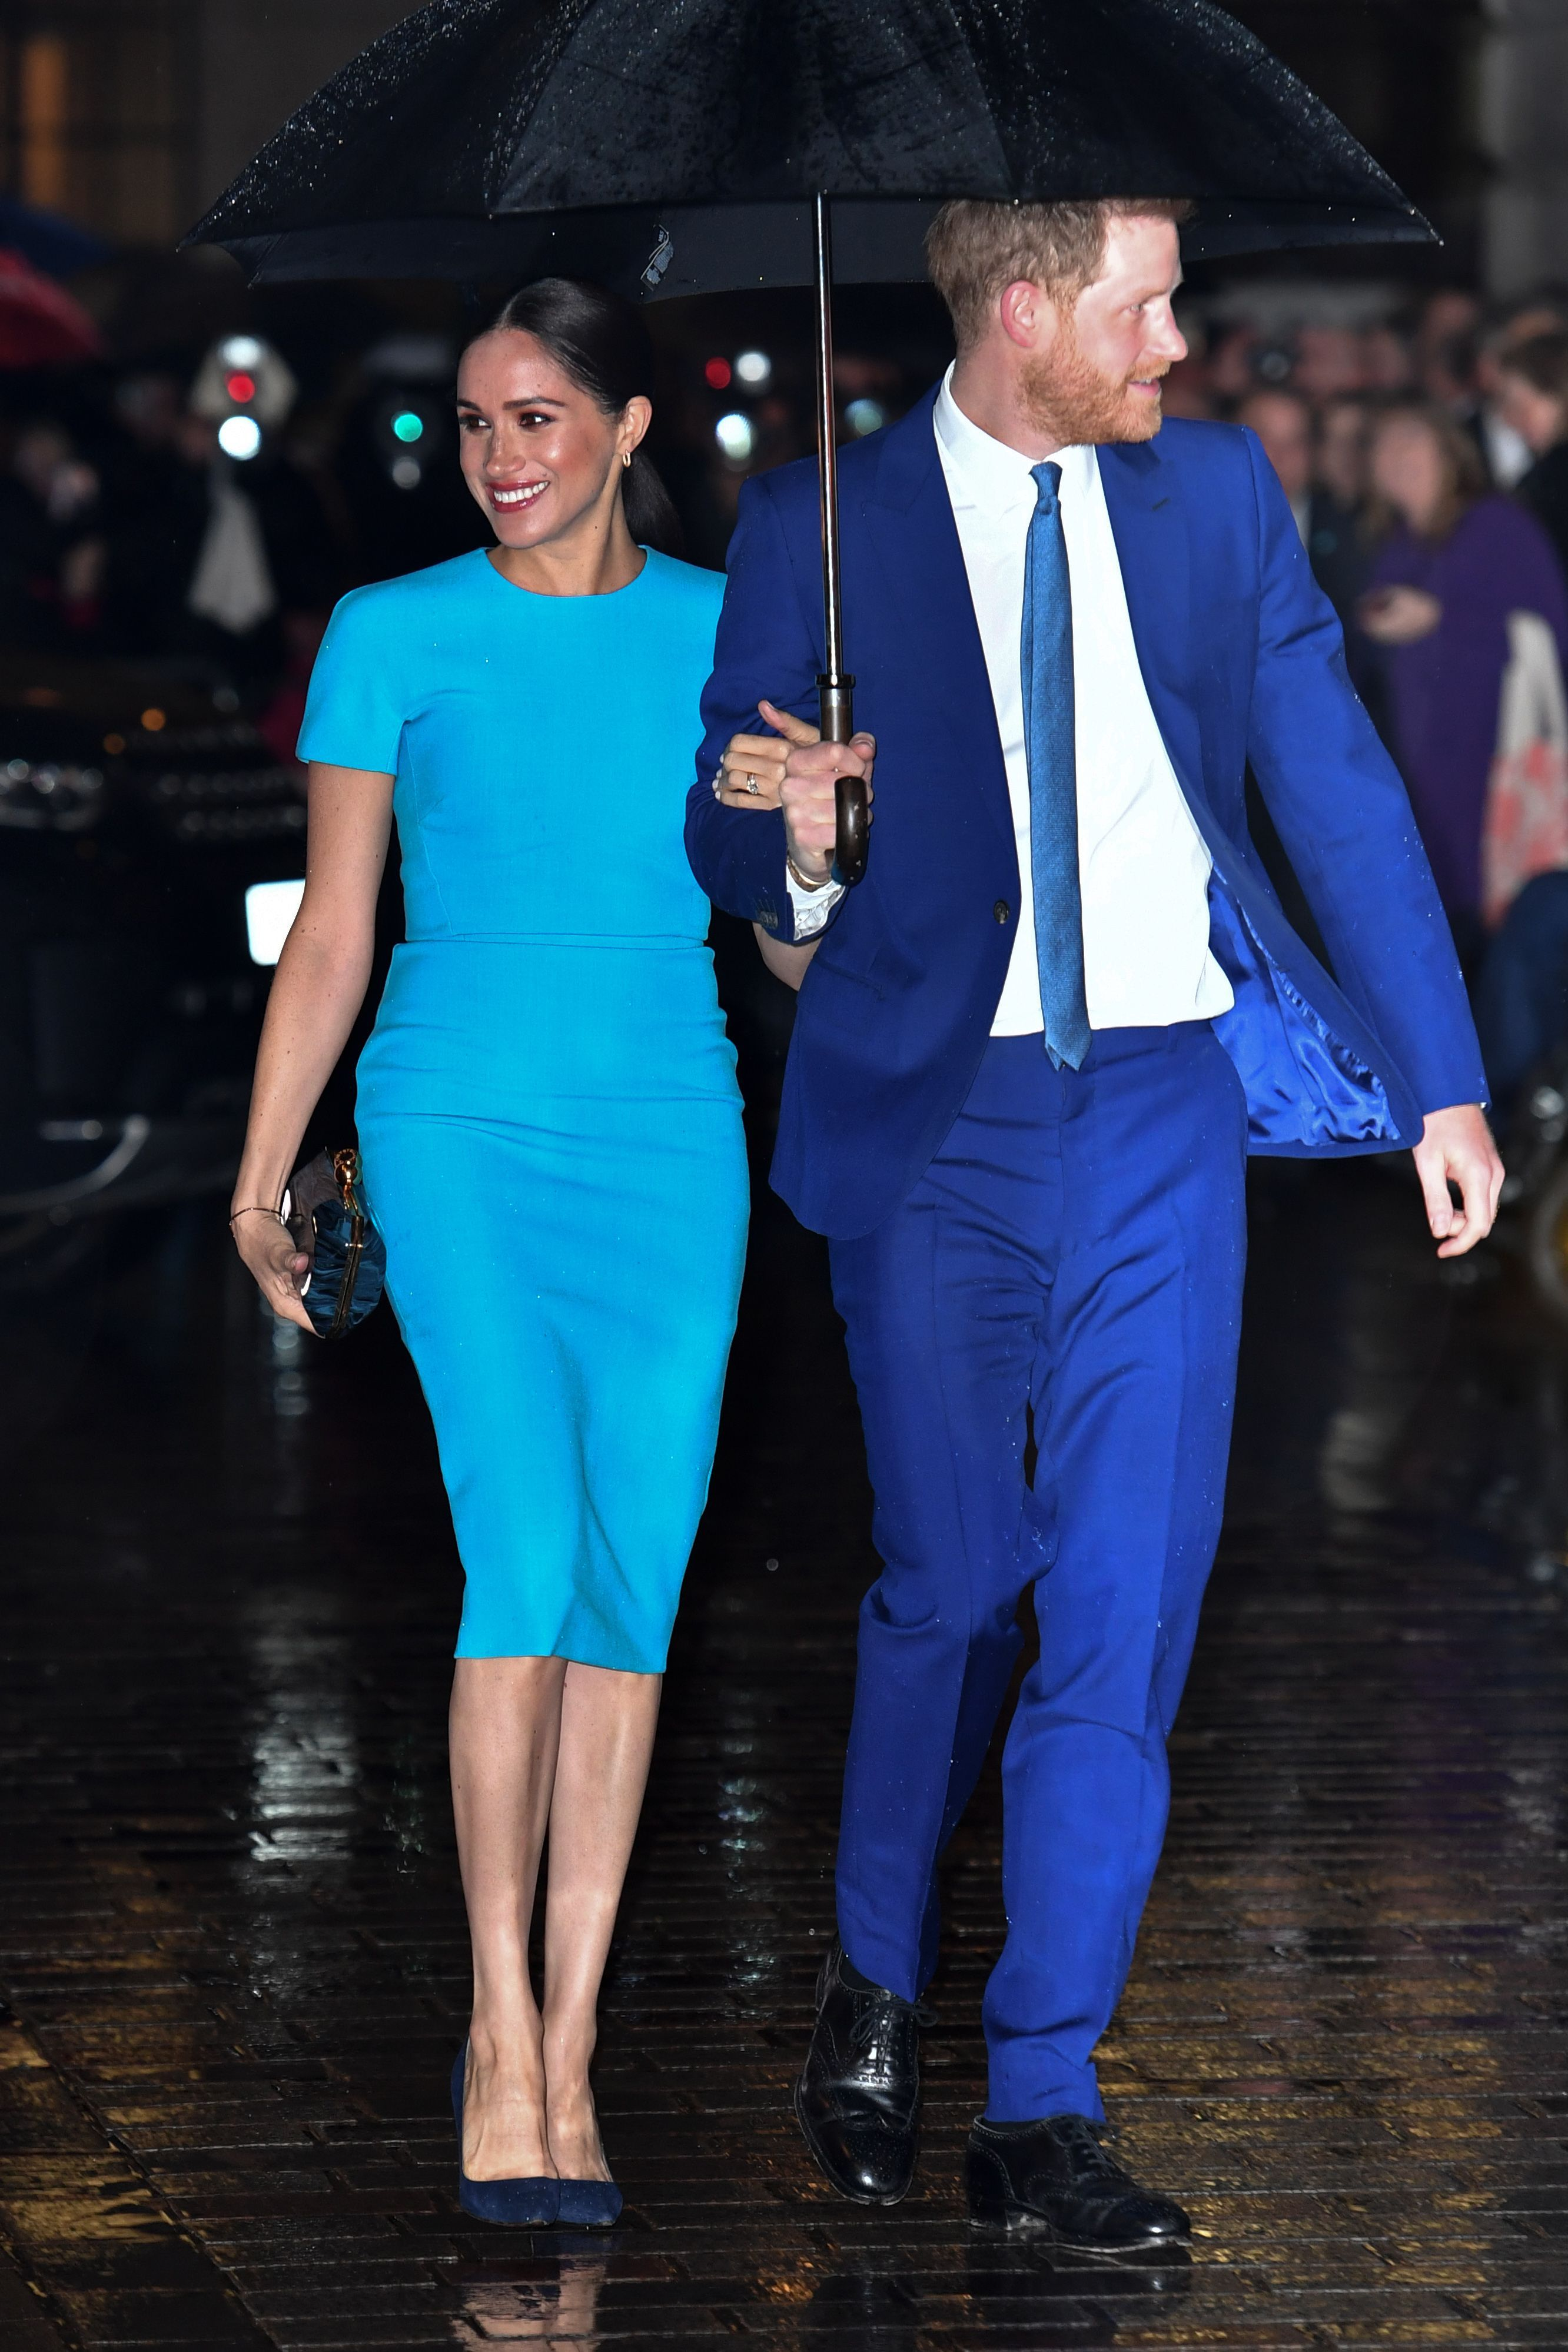 Meghan Markle Pops In Electric Blue Victoria Beckham Dress Her Go To Pumps At Endeavor Awards Victoria Beckham Dress Blue Dress Outfits Electric Blue Dresses [ 3996 x 2664 Pixel ]